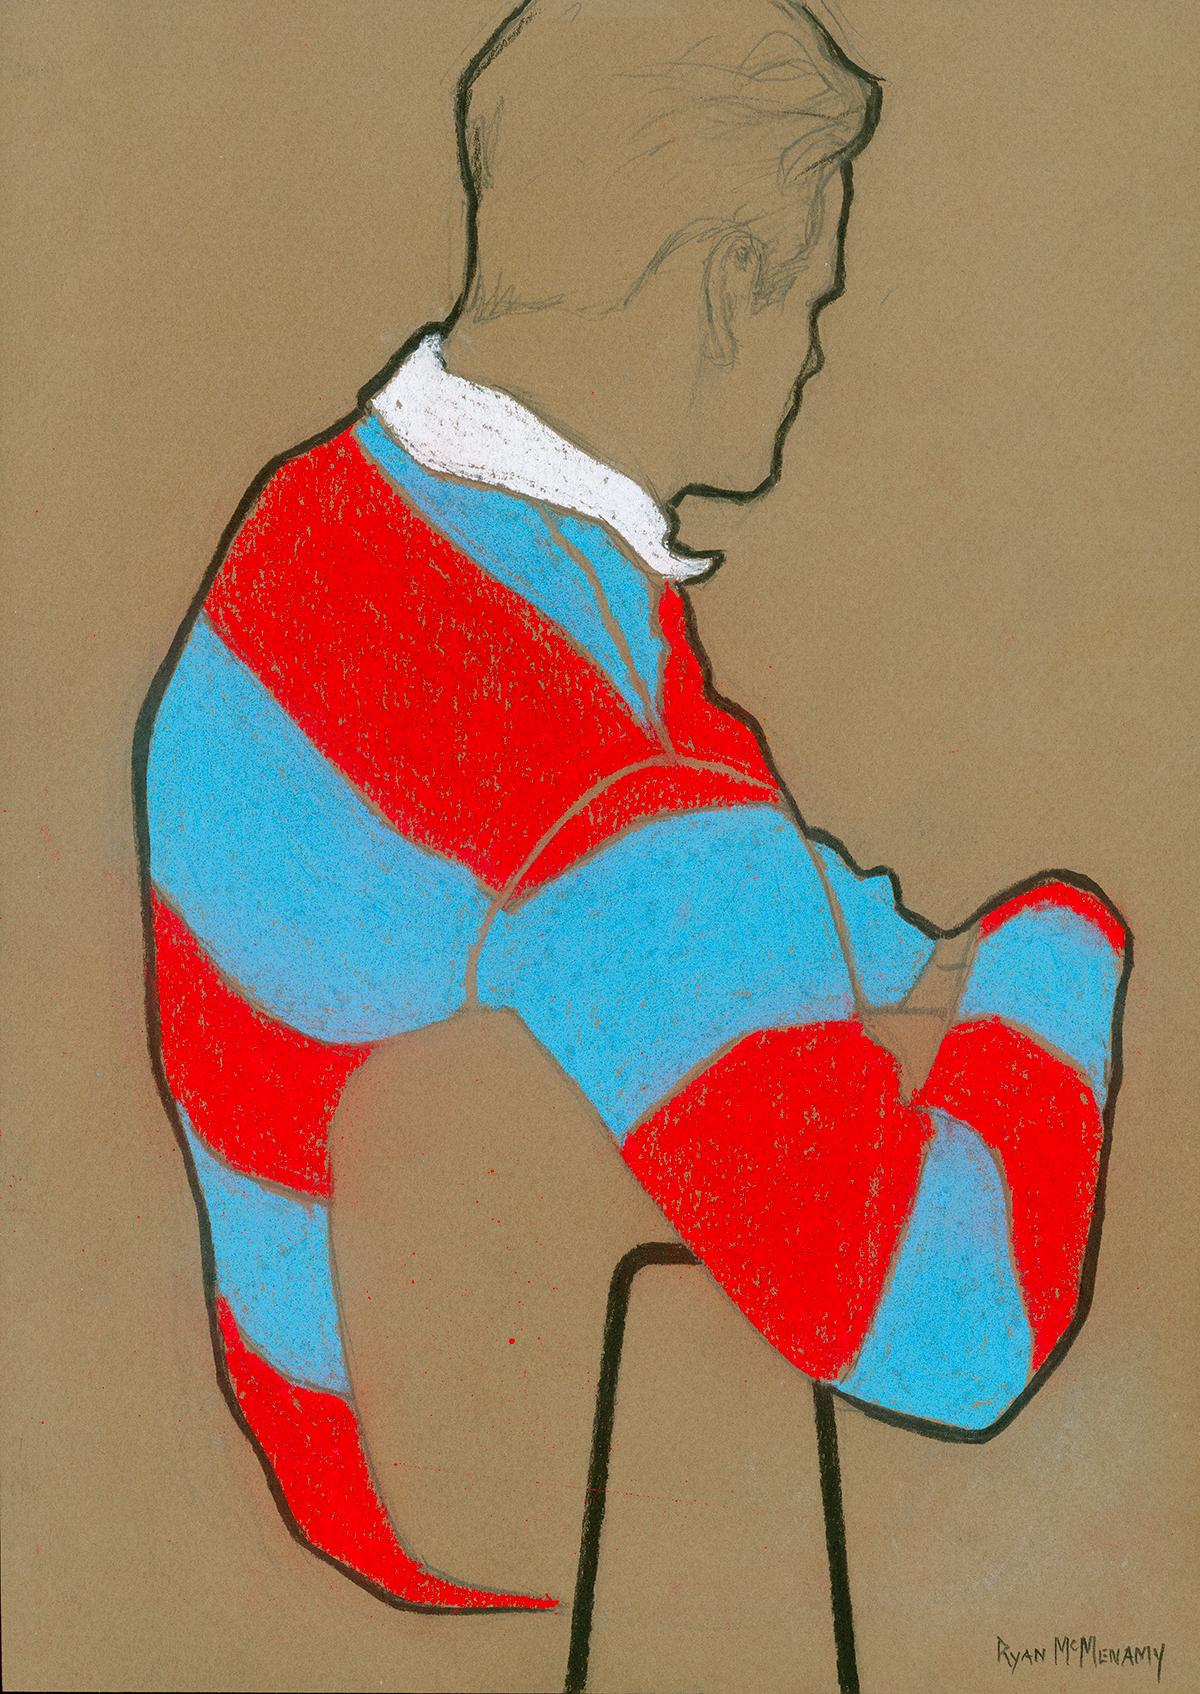 Ryan McMenamy x De Fursac, dessins au masculin